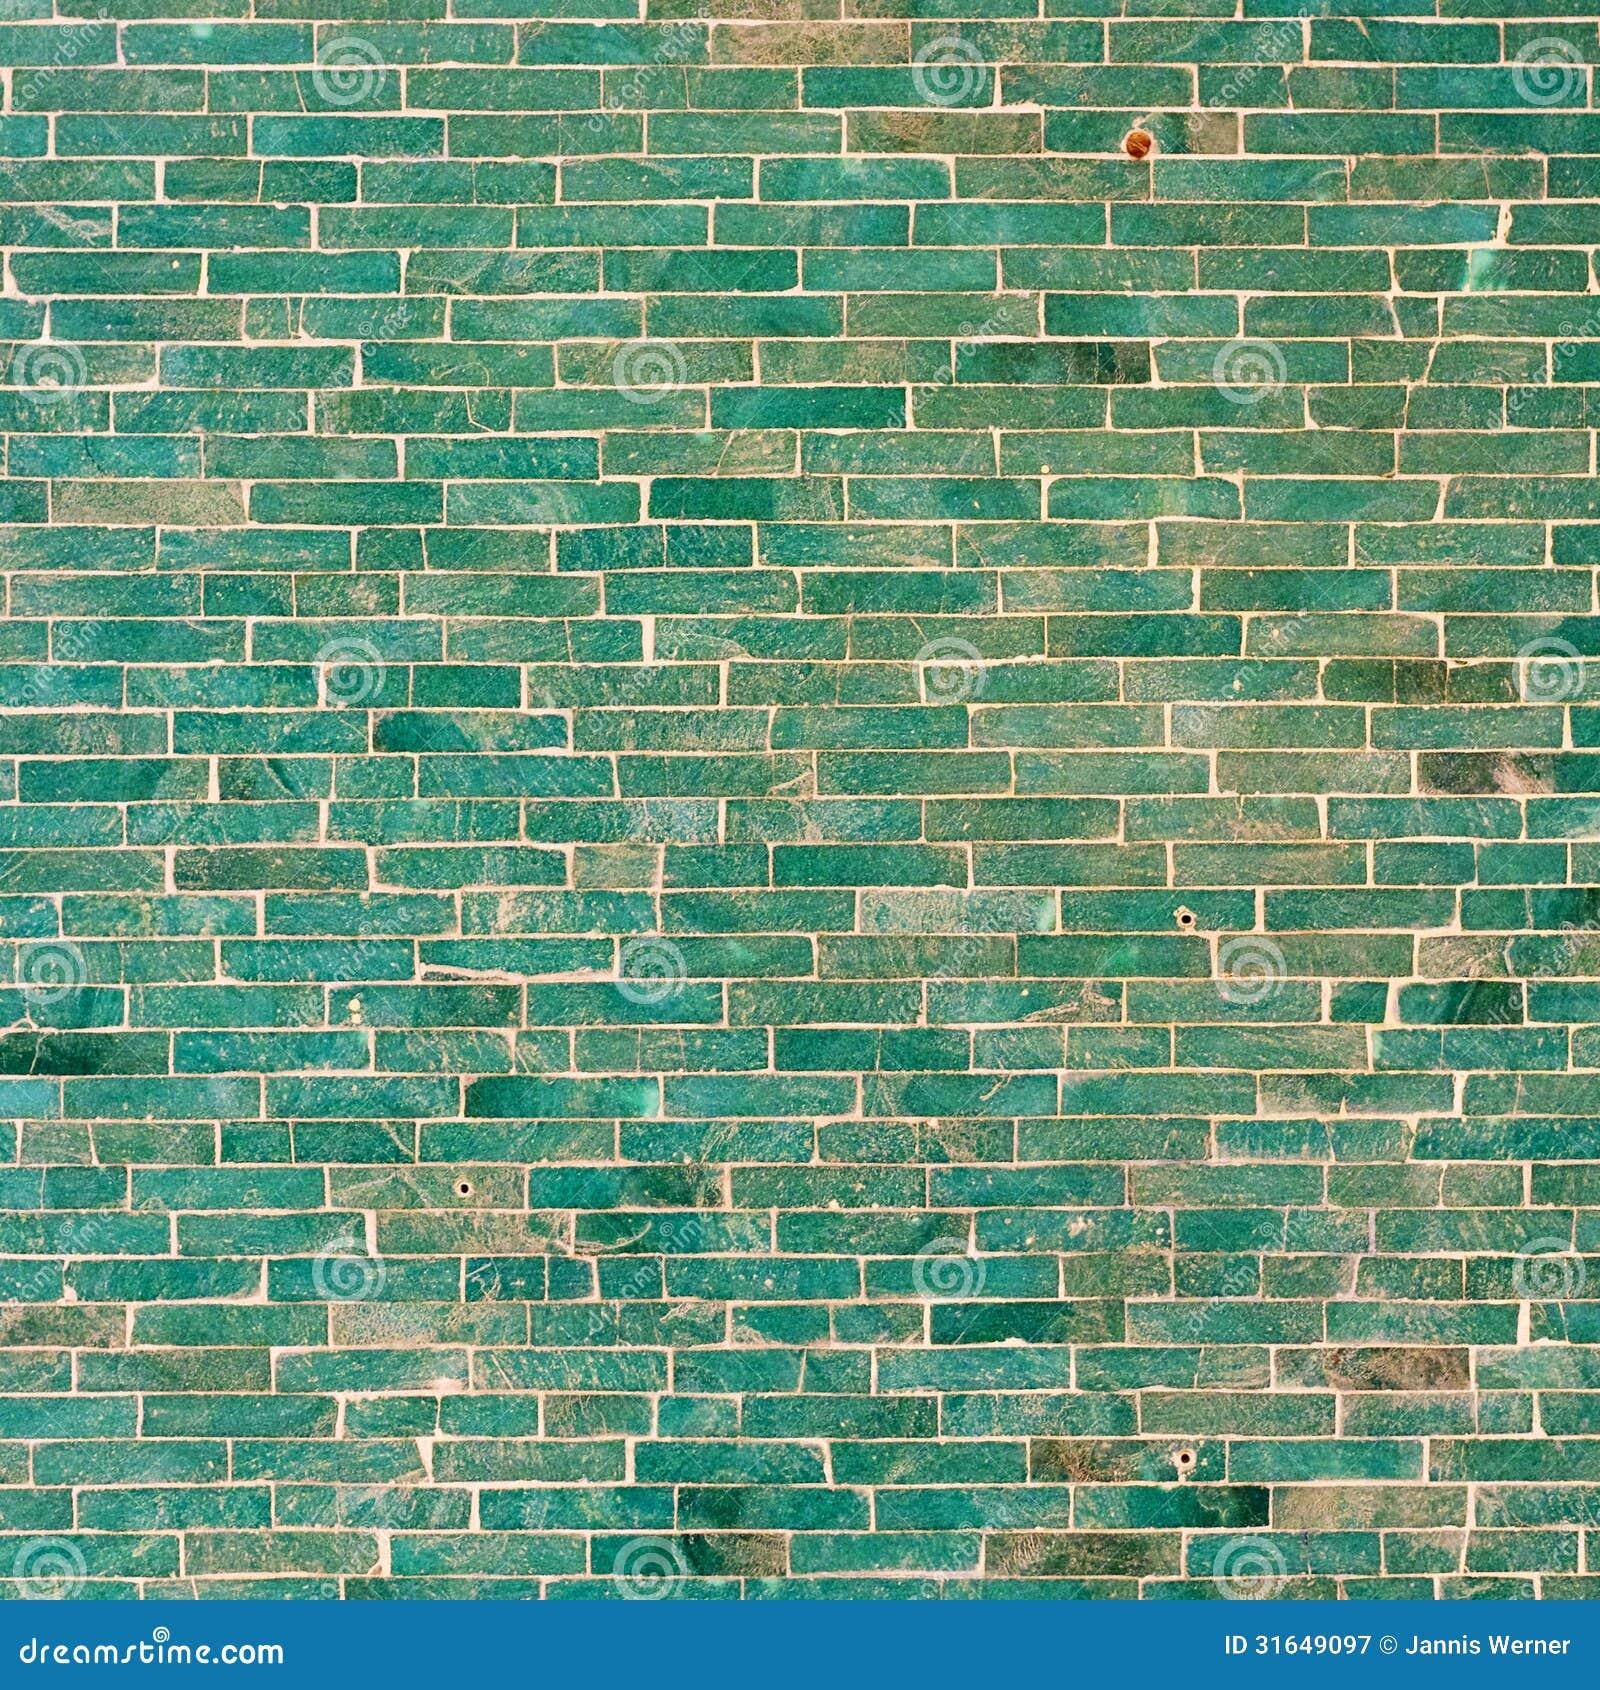 Türkis-Fliesen-Wand-Hintergrund Stockbild